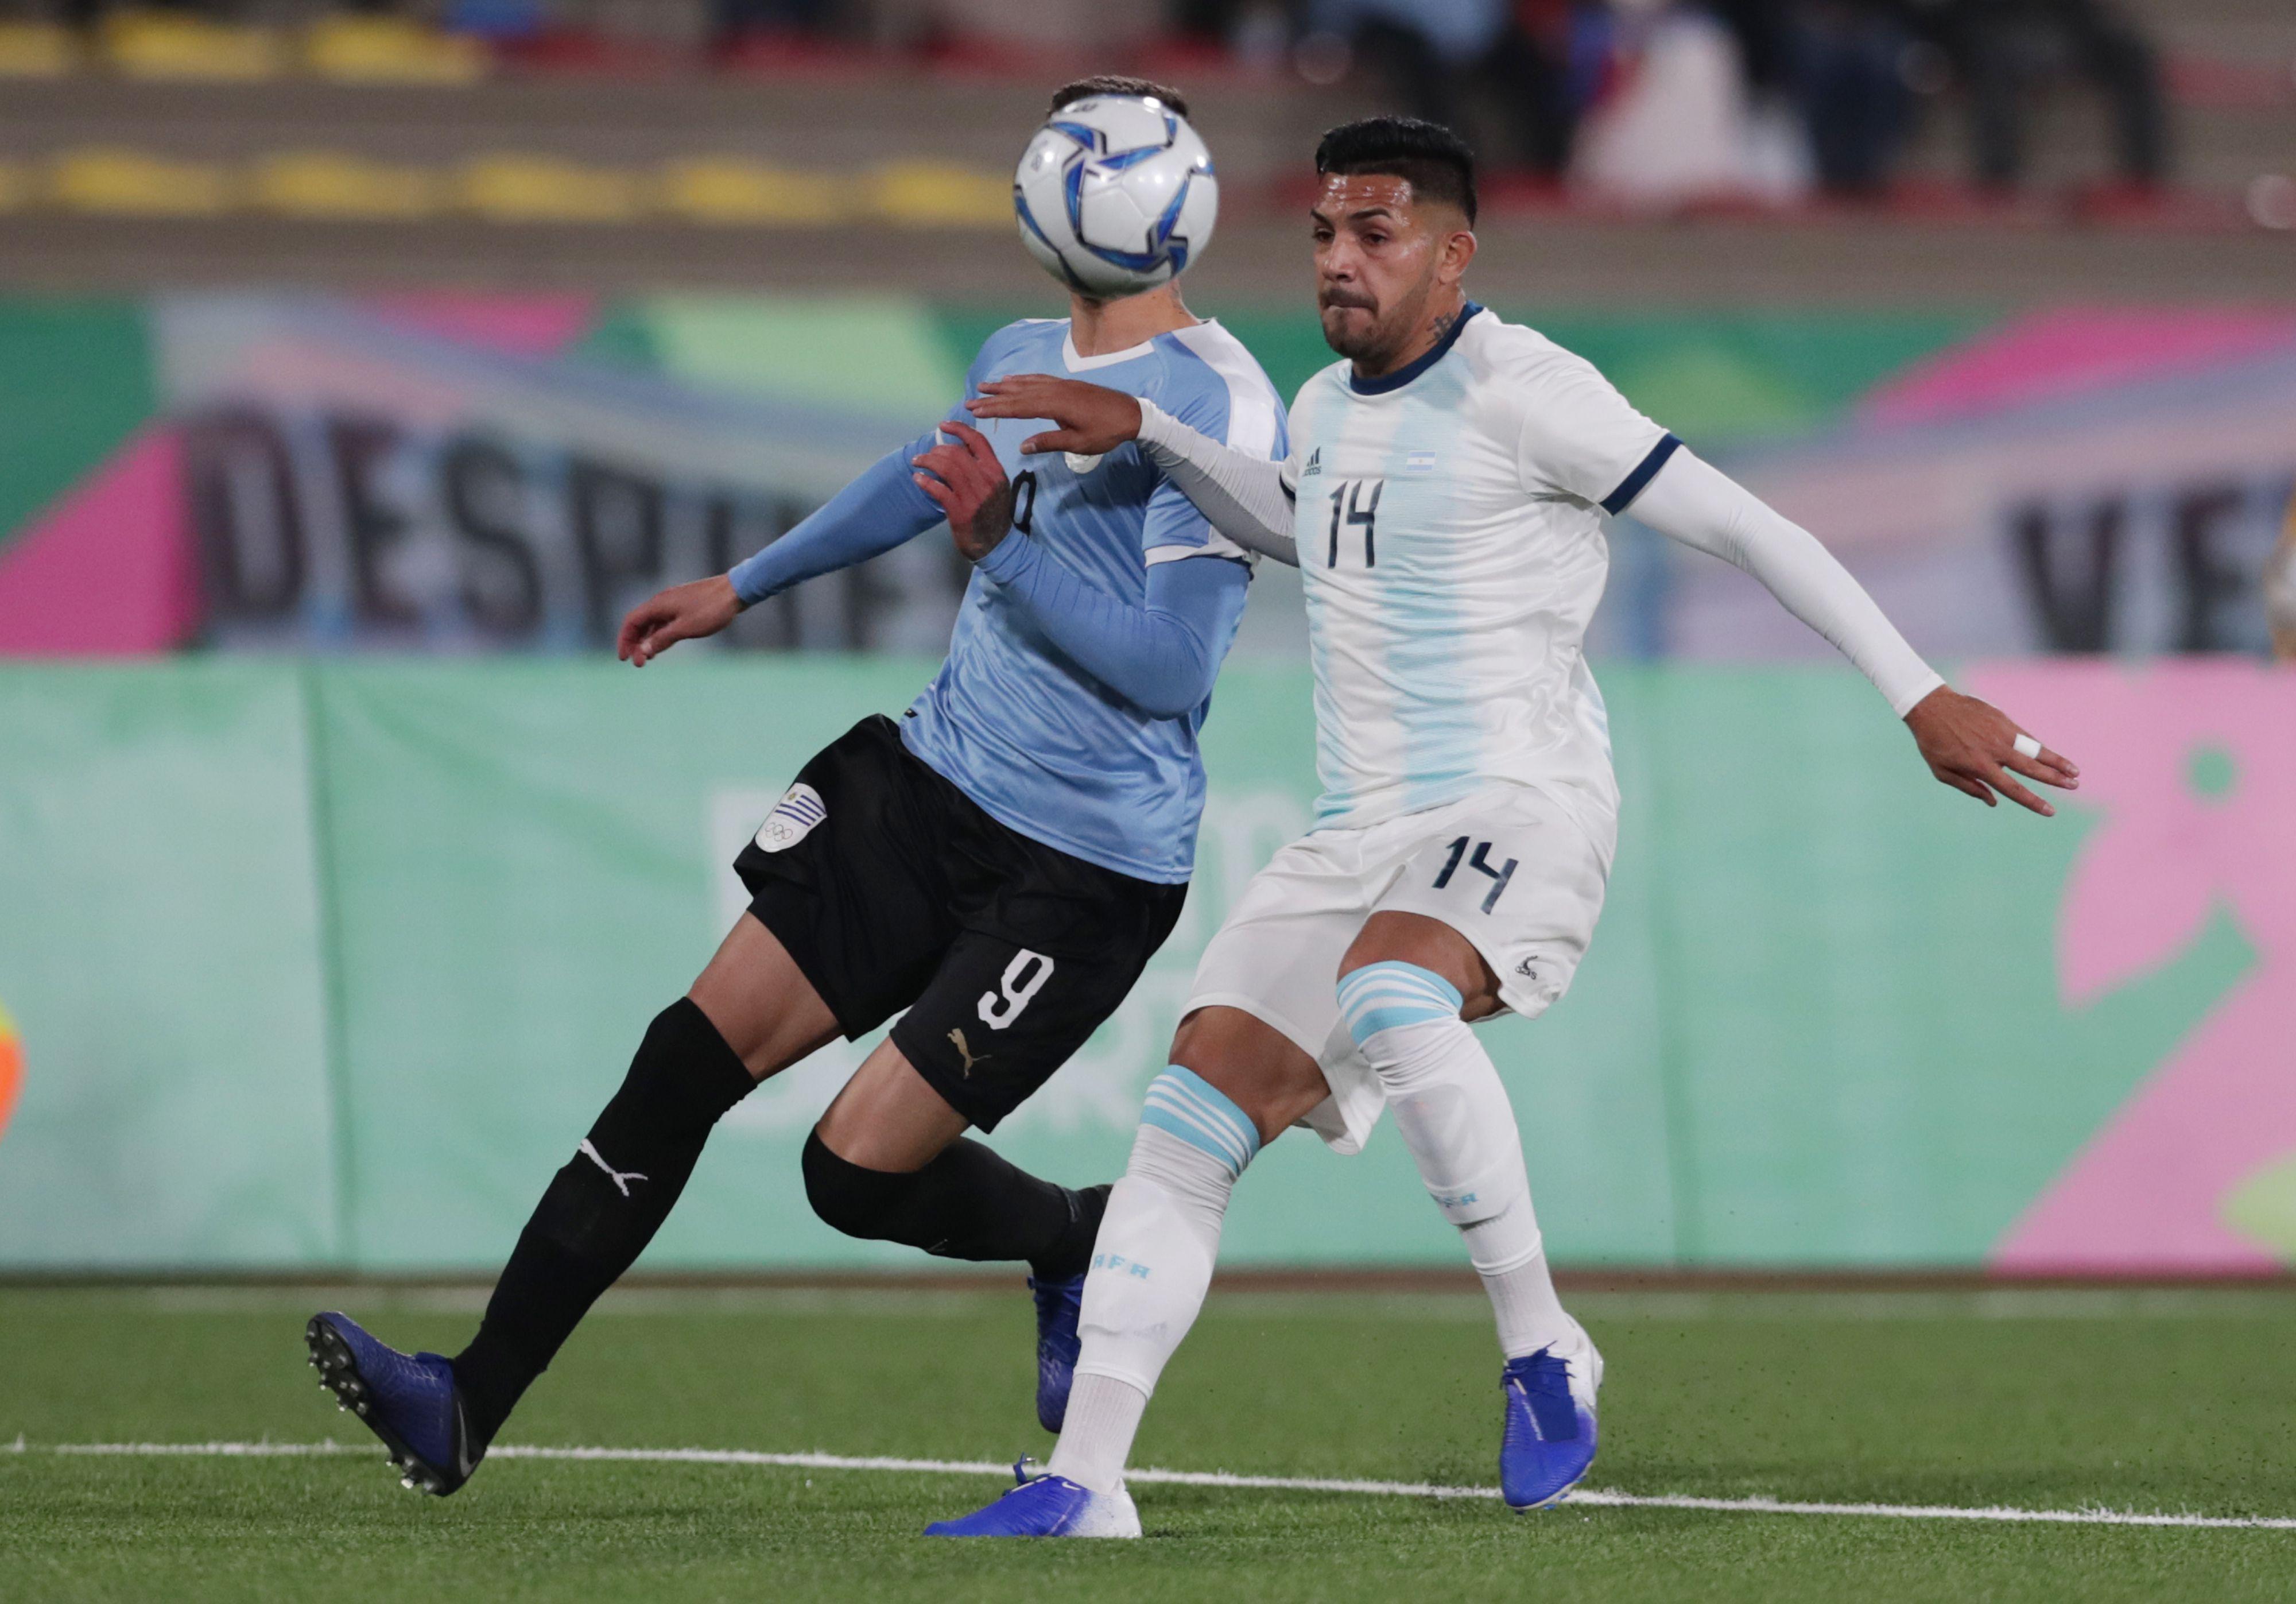 Facundo Medina fue protagonista de la selección argentina que ganó el oro en los Juegos Panamericanos de Lima 2019 (EUTERS/Guadalupe Pardo)